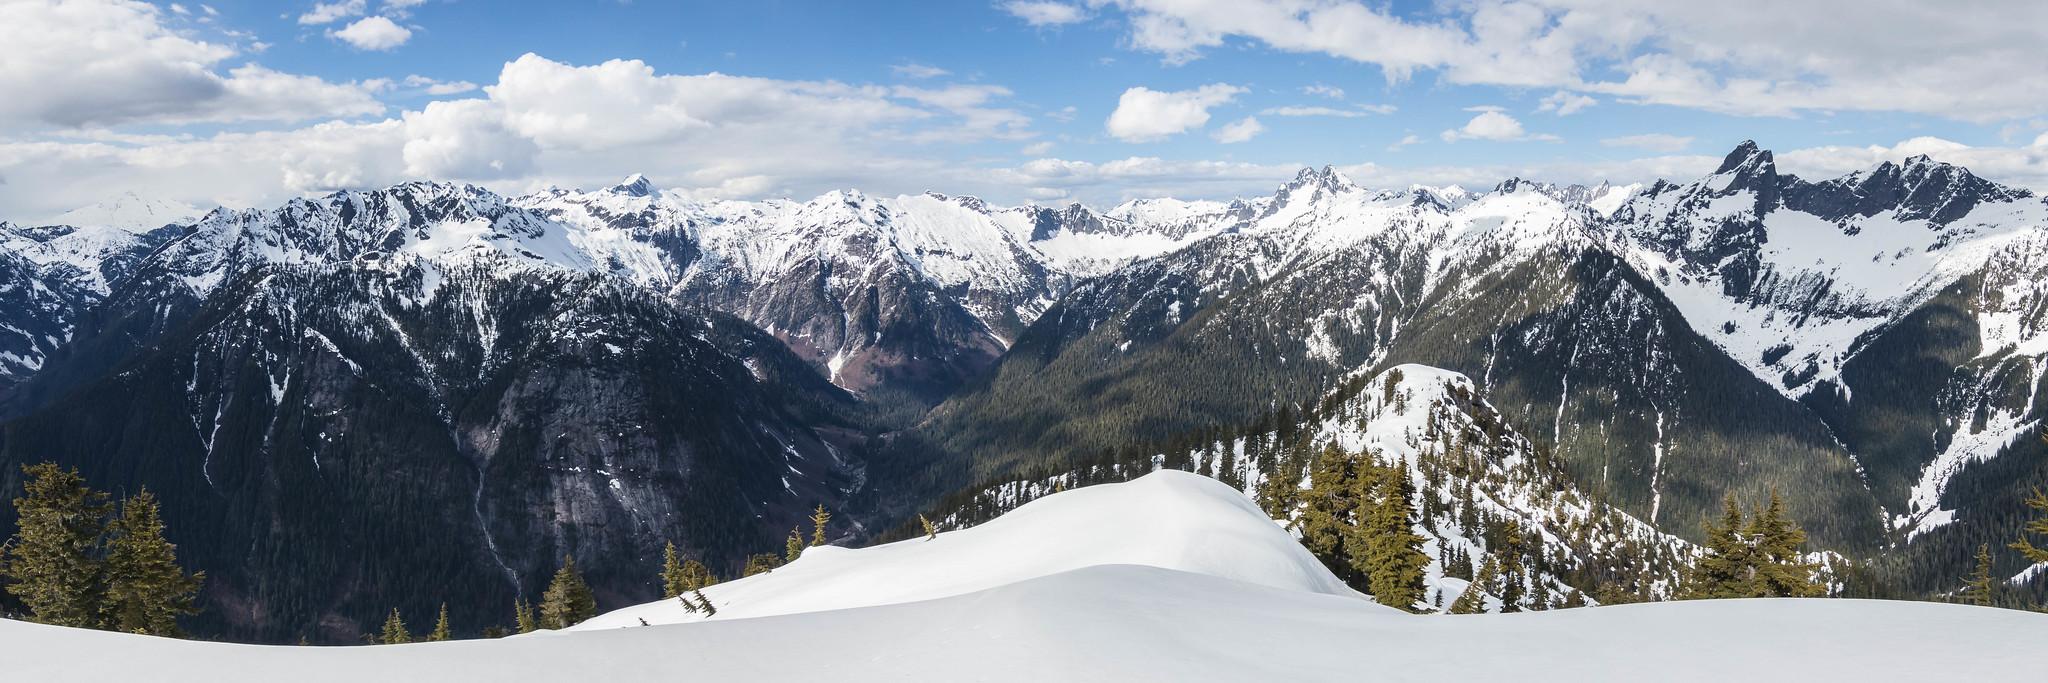 Northern panoramic view